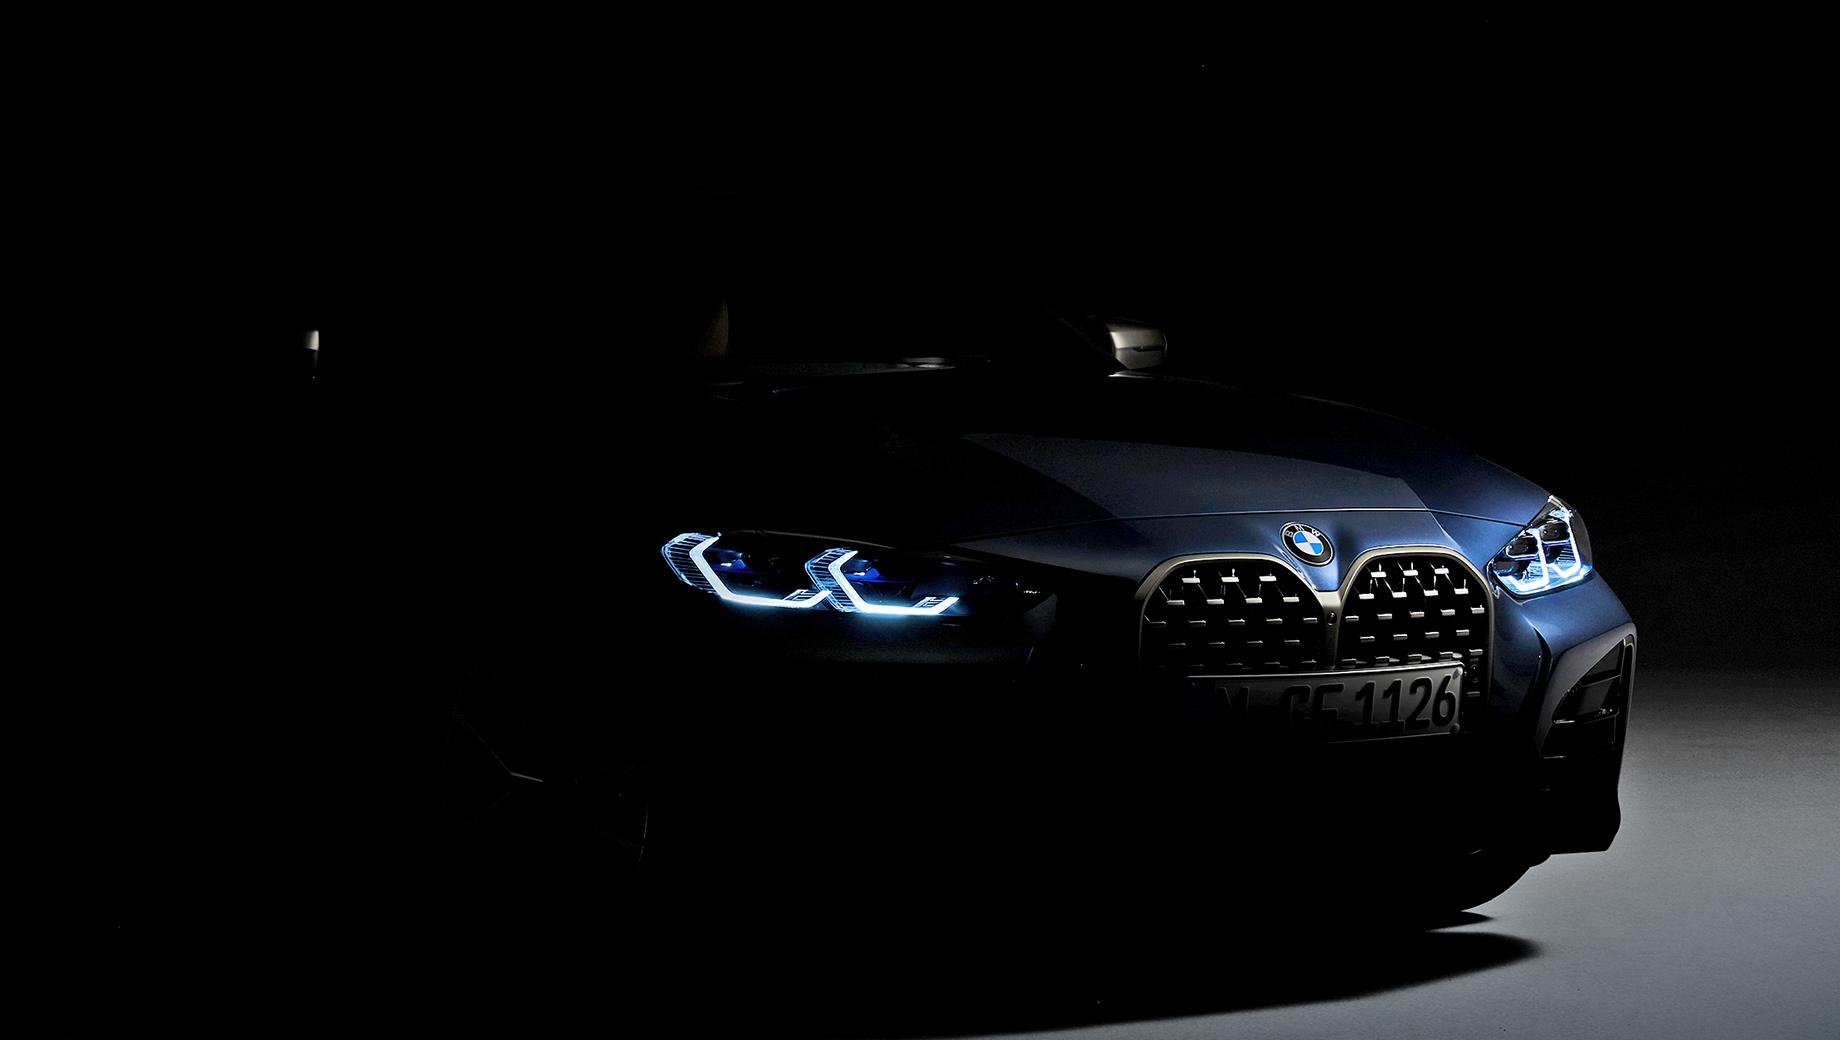 Bmw 4. Топ-версией купе четвёртой серии, не считая М4, станет BMW M440i xDrive с «шестёркой» 3.0 (374 л.с.), 48-вольтовой гибридной системой и 11-сильным стартер-генератором. В оснащении — восьмиступенчатый «автомат» и задний дифференциал с электронной блокировкой.